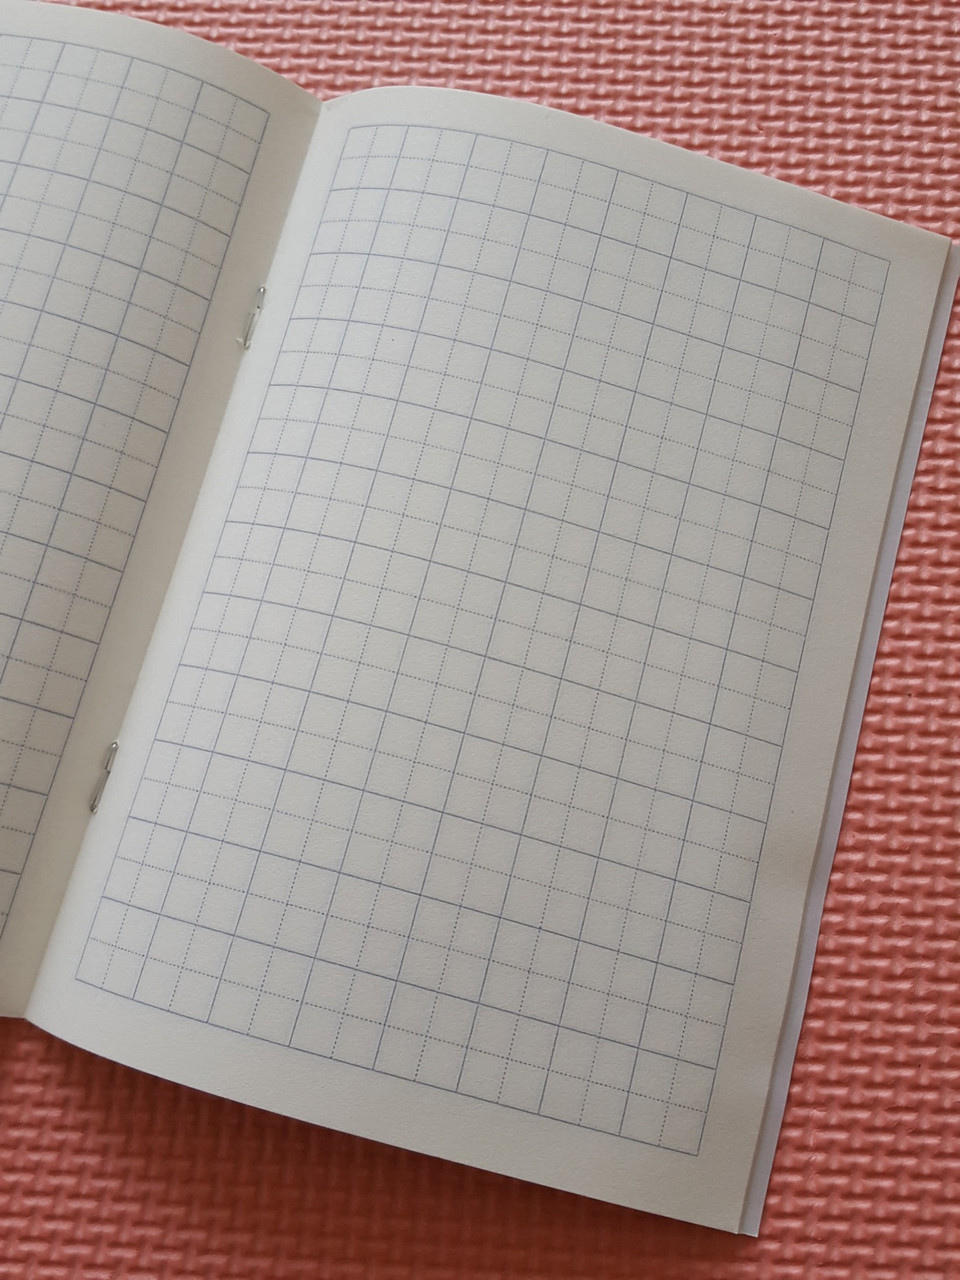 [Комплект 10 шт.] Тетрадь для записи иероглифов. Клетка 13 мм с пунктиром. 2688 клеток